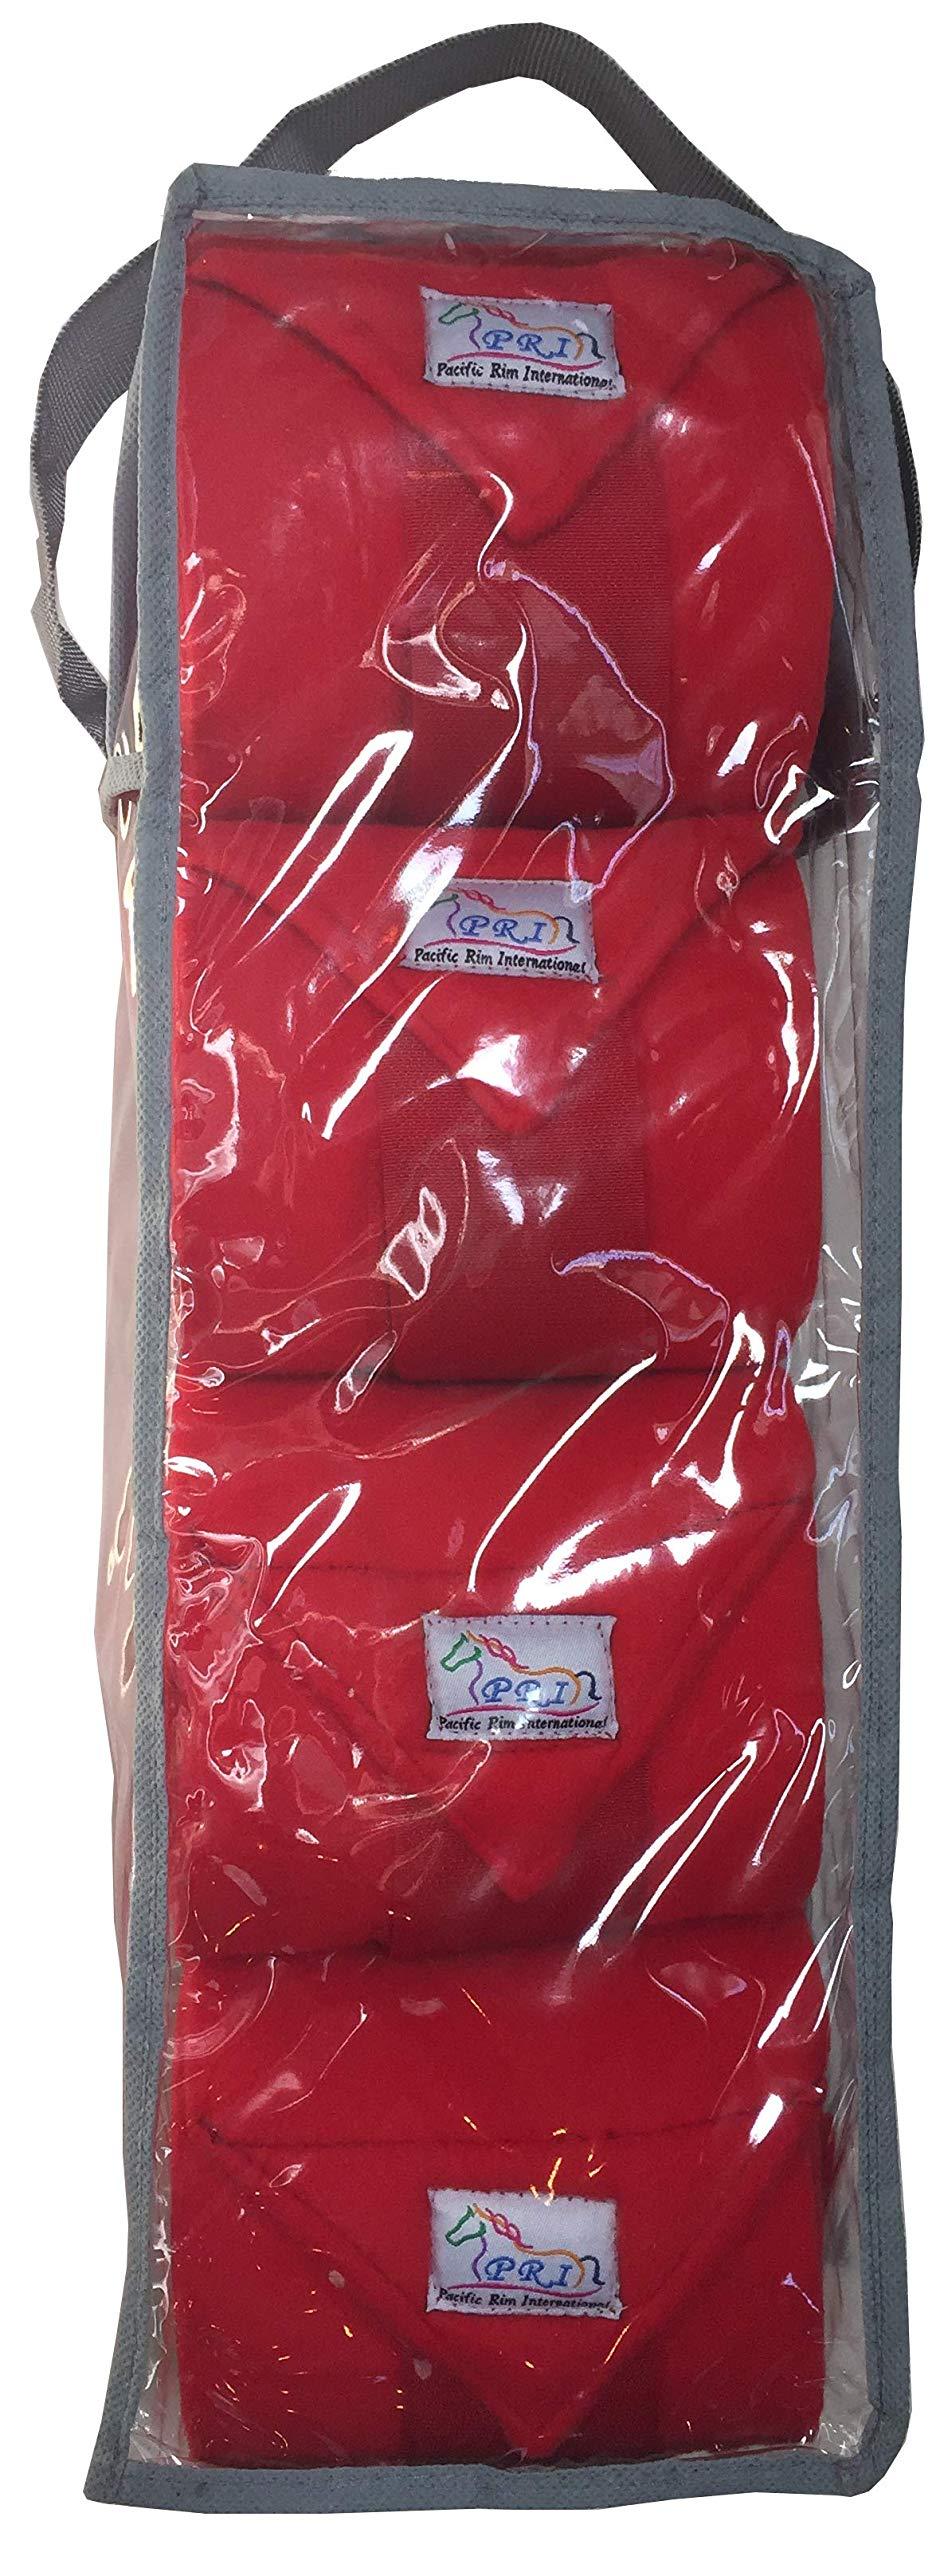 Set of Four Fleece Polo Wraps, Red, Horse Size by PRI Horse Leg Protection